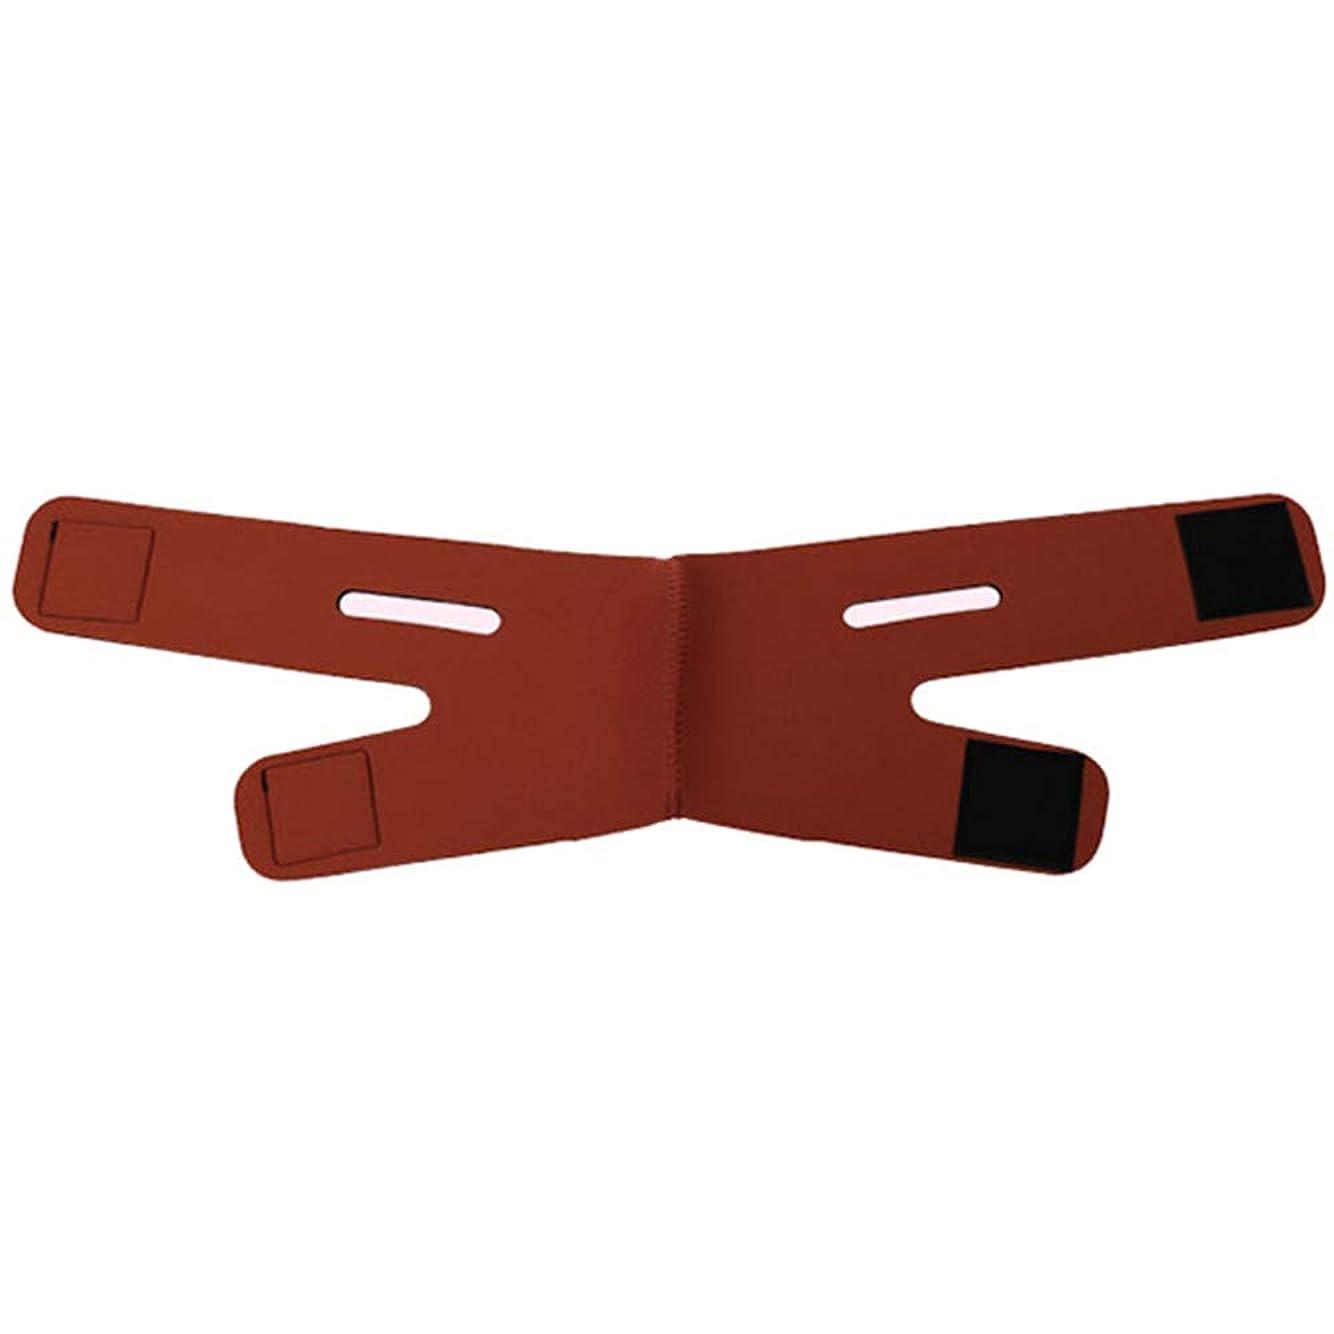 数値鈍い希少性XINGZHE フェイシャルリフティング痩身ベルト圧縮二重あご減量ベルトスキンケア薄い顔包帯二重あごワークアウト フェイスリフティングベルト (色 : 赤)